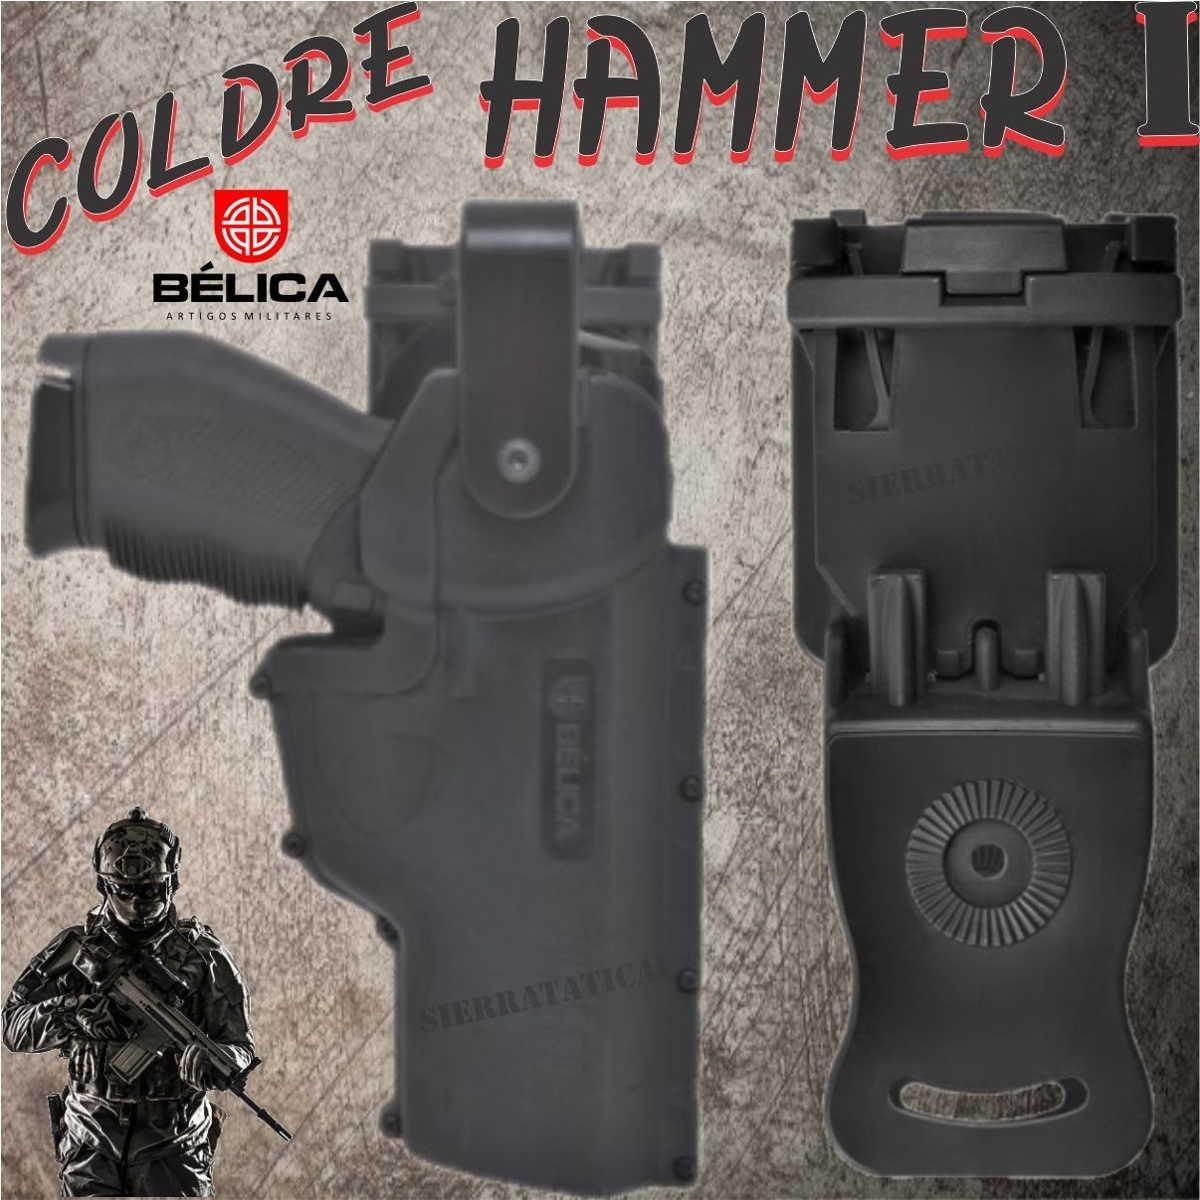 Coldre Para Pistola Hammer I De Cintura Em Polímero Bélica. - R  179,99 em  Mercado Livre 975eb90546